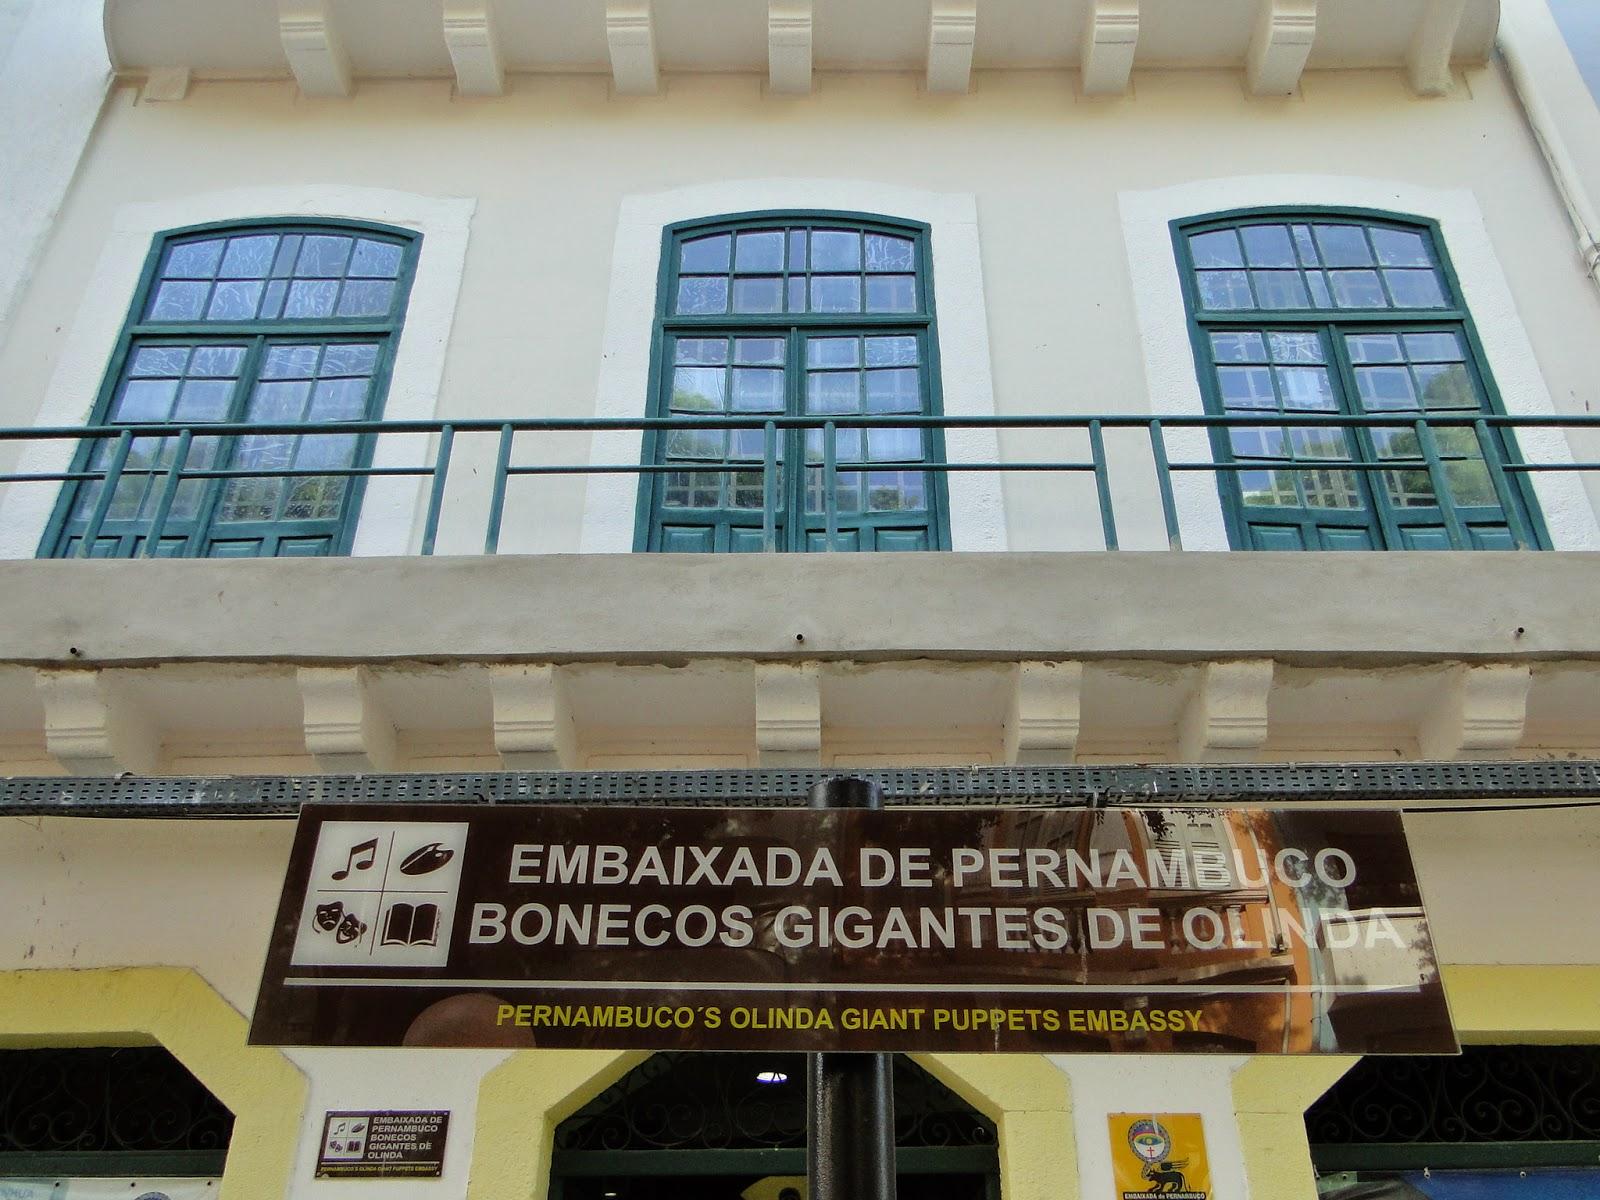 embaixada de pernambuco dos bonecos gigantes de olinda